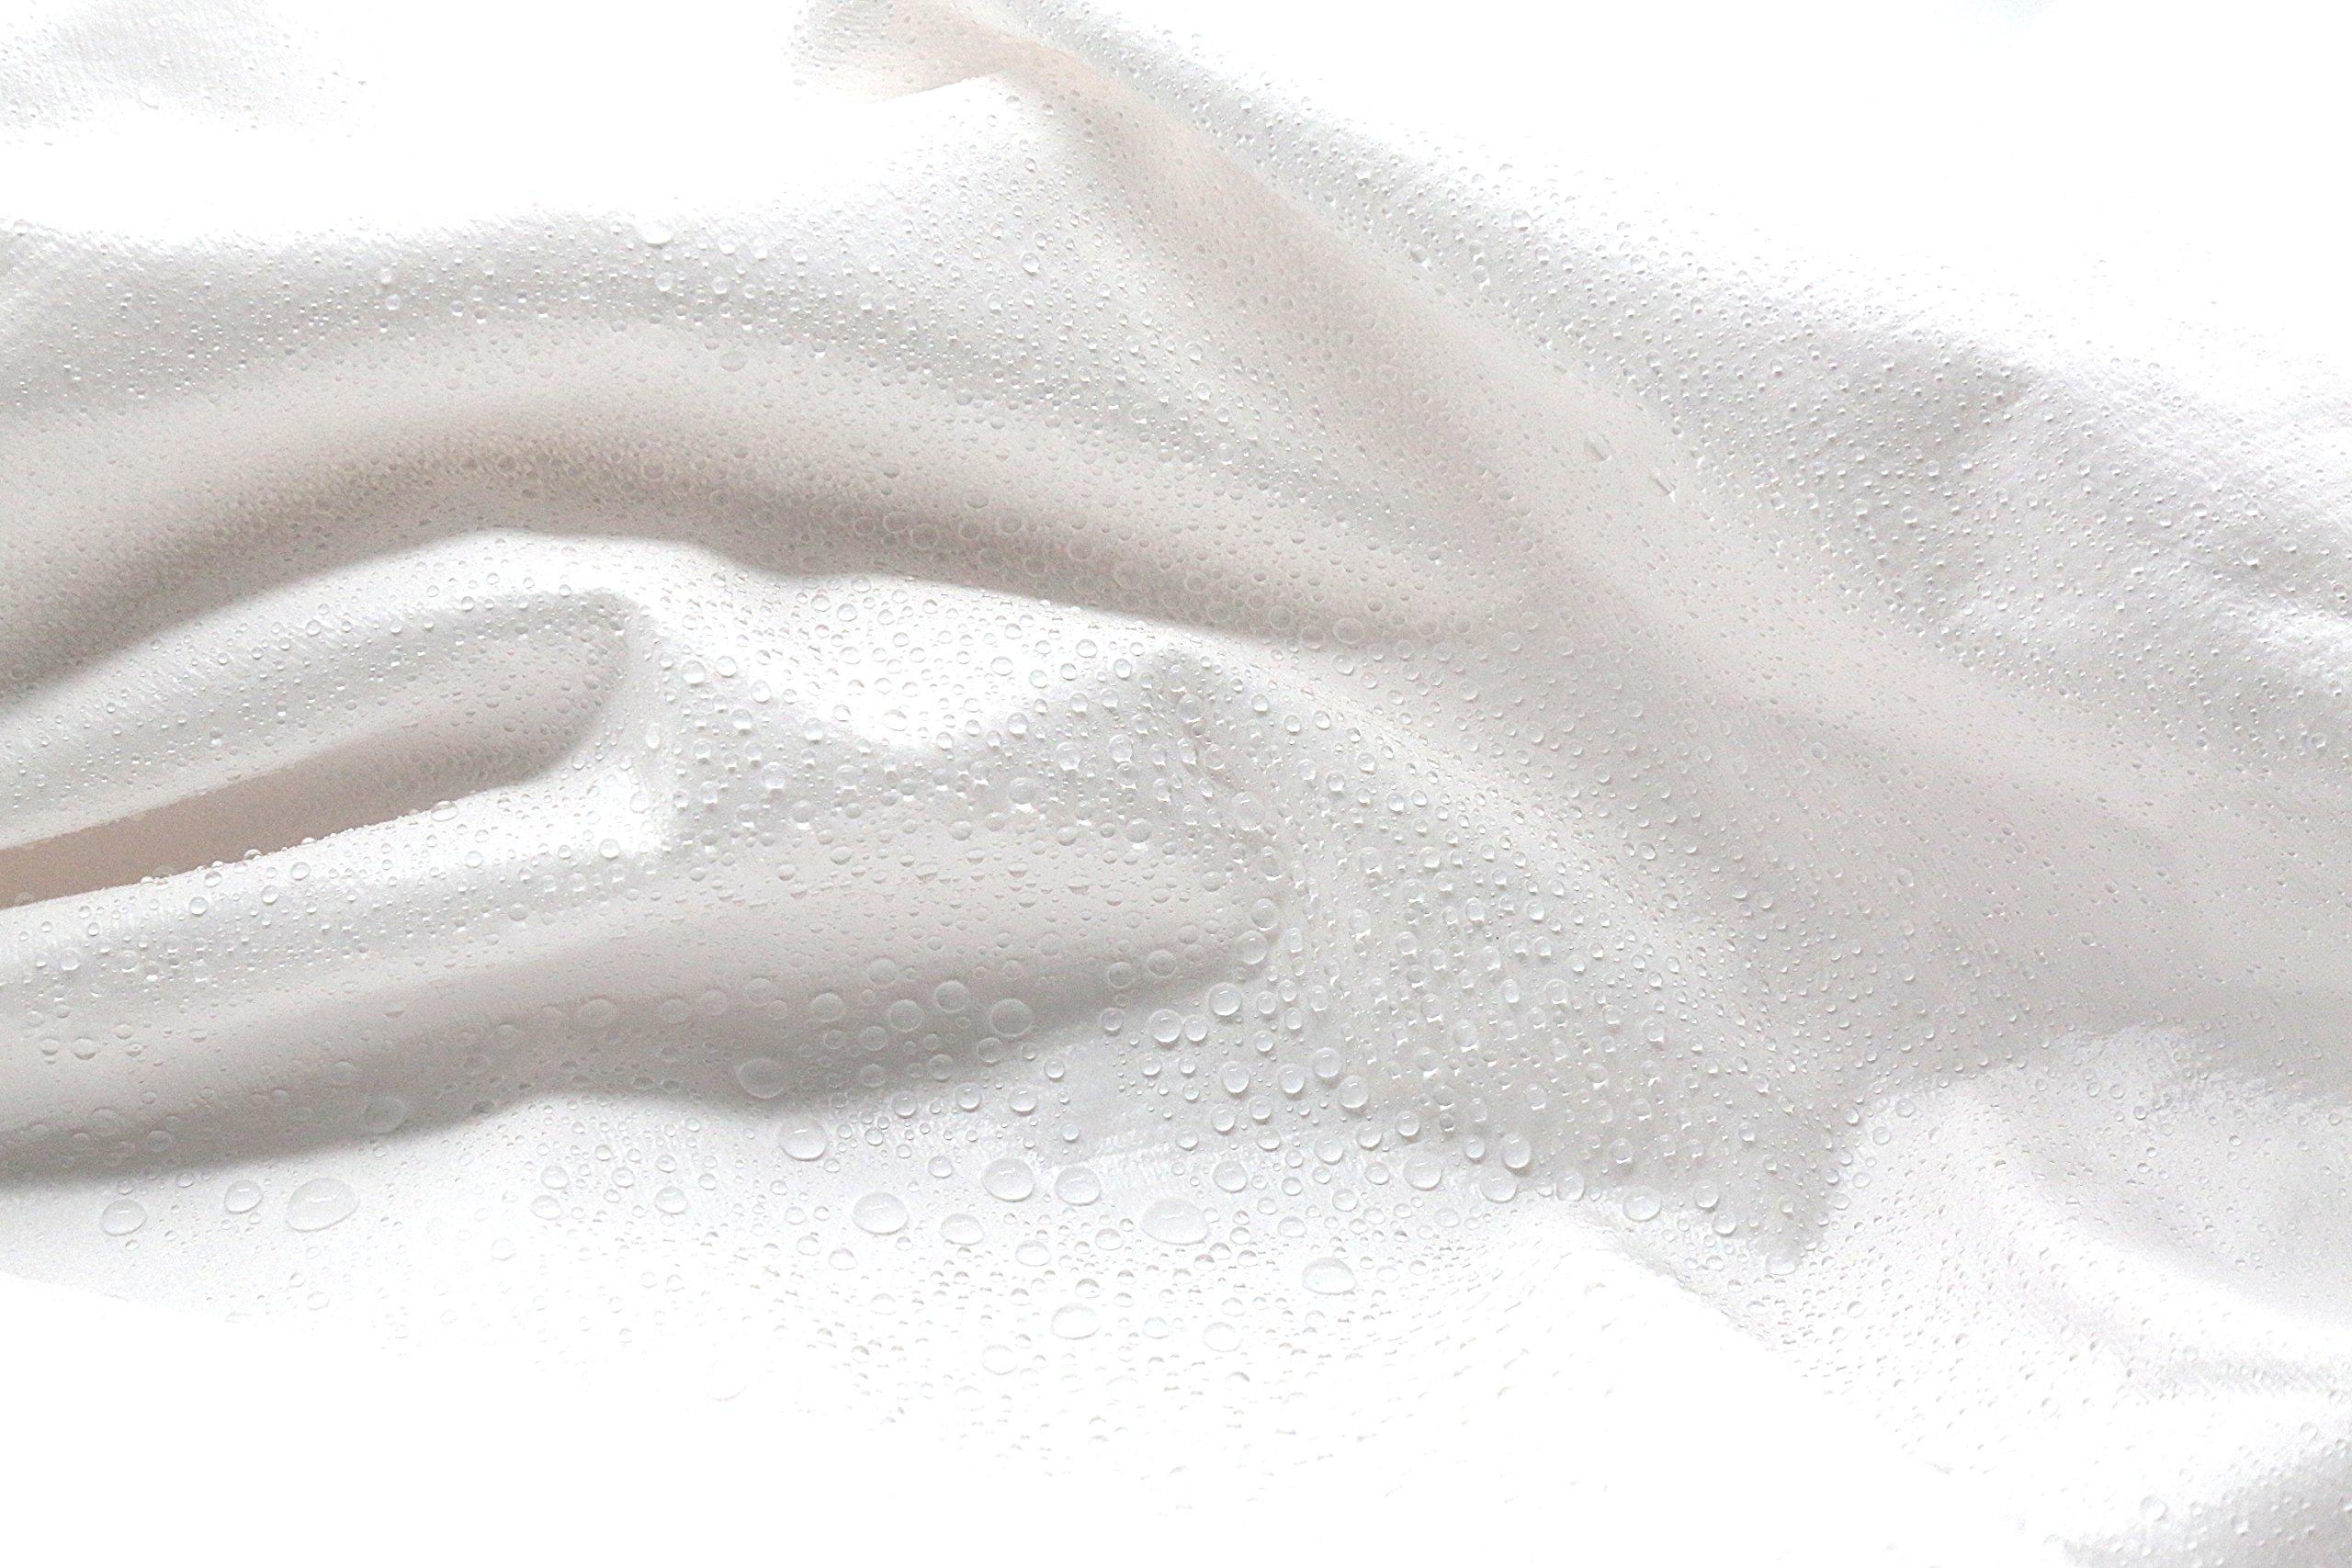 FANCY-FIX Premium Matratzenschoner 90x200cm – Matratzenauflage | 100% Hypoallergen, Wasserdicht und Atmungsaktiv | Oberfläche aus Frottee Baumwolle | Waschmaschinenfest | 90cm x 200cm